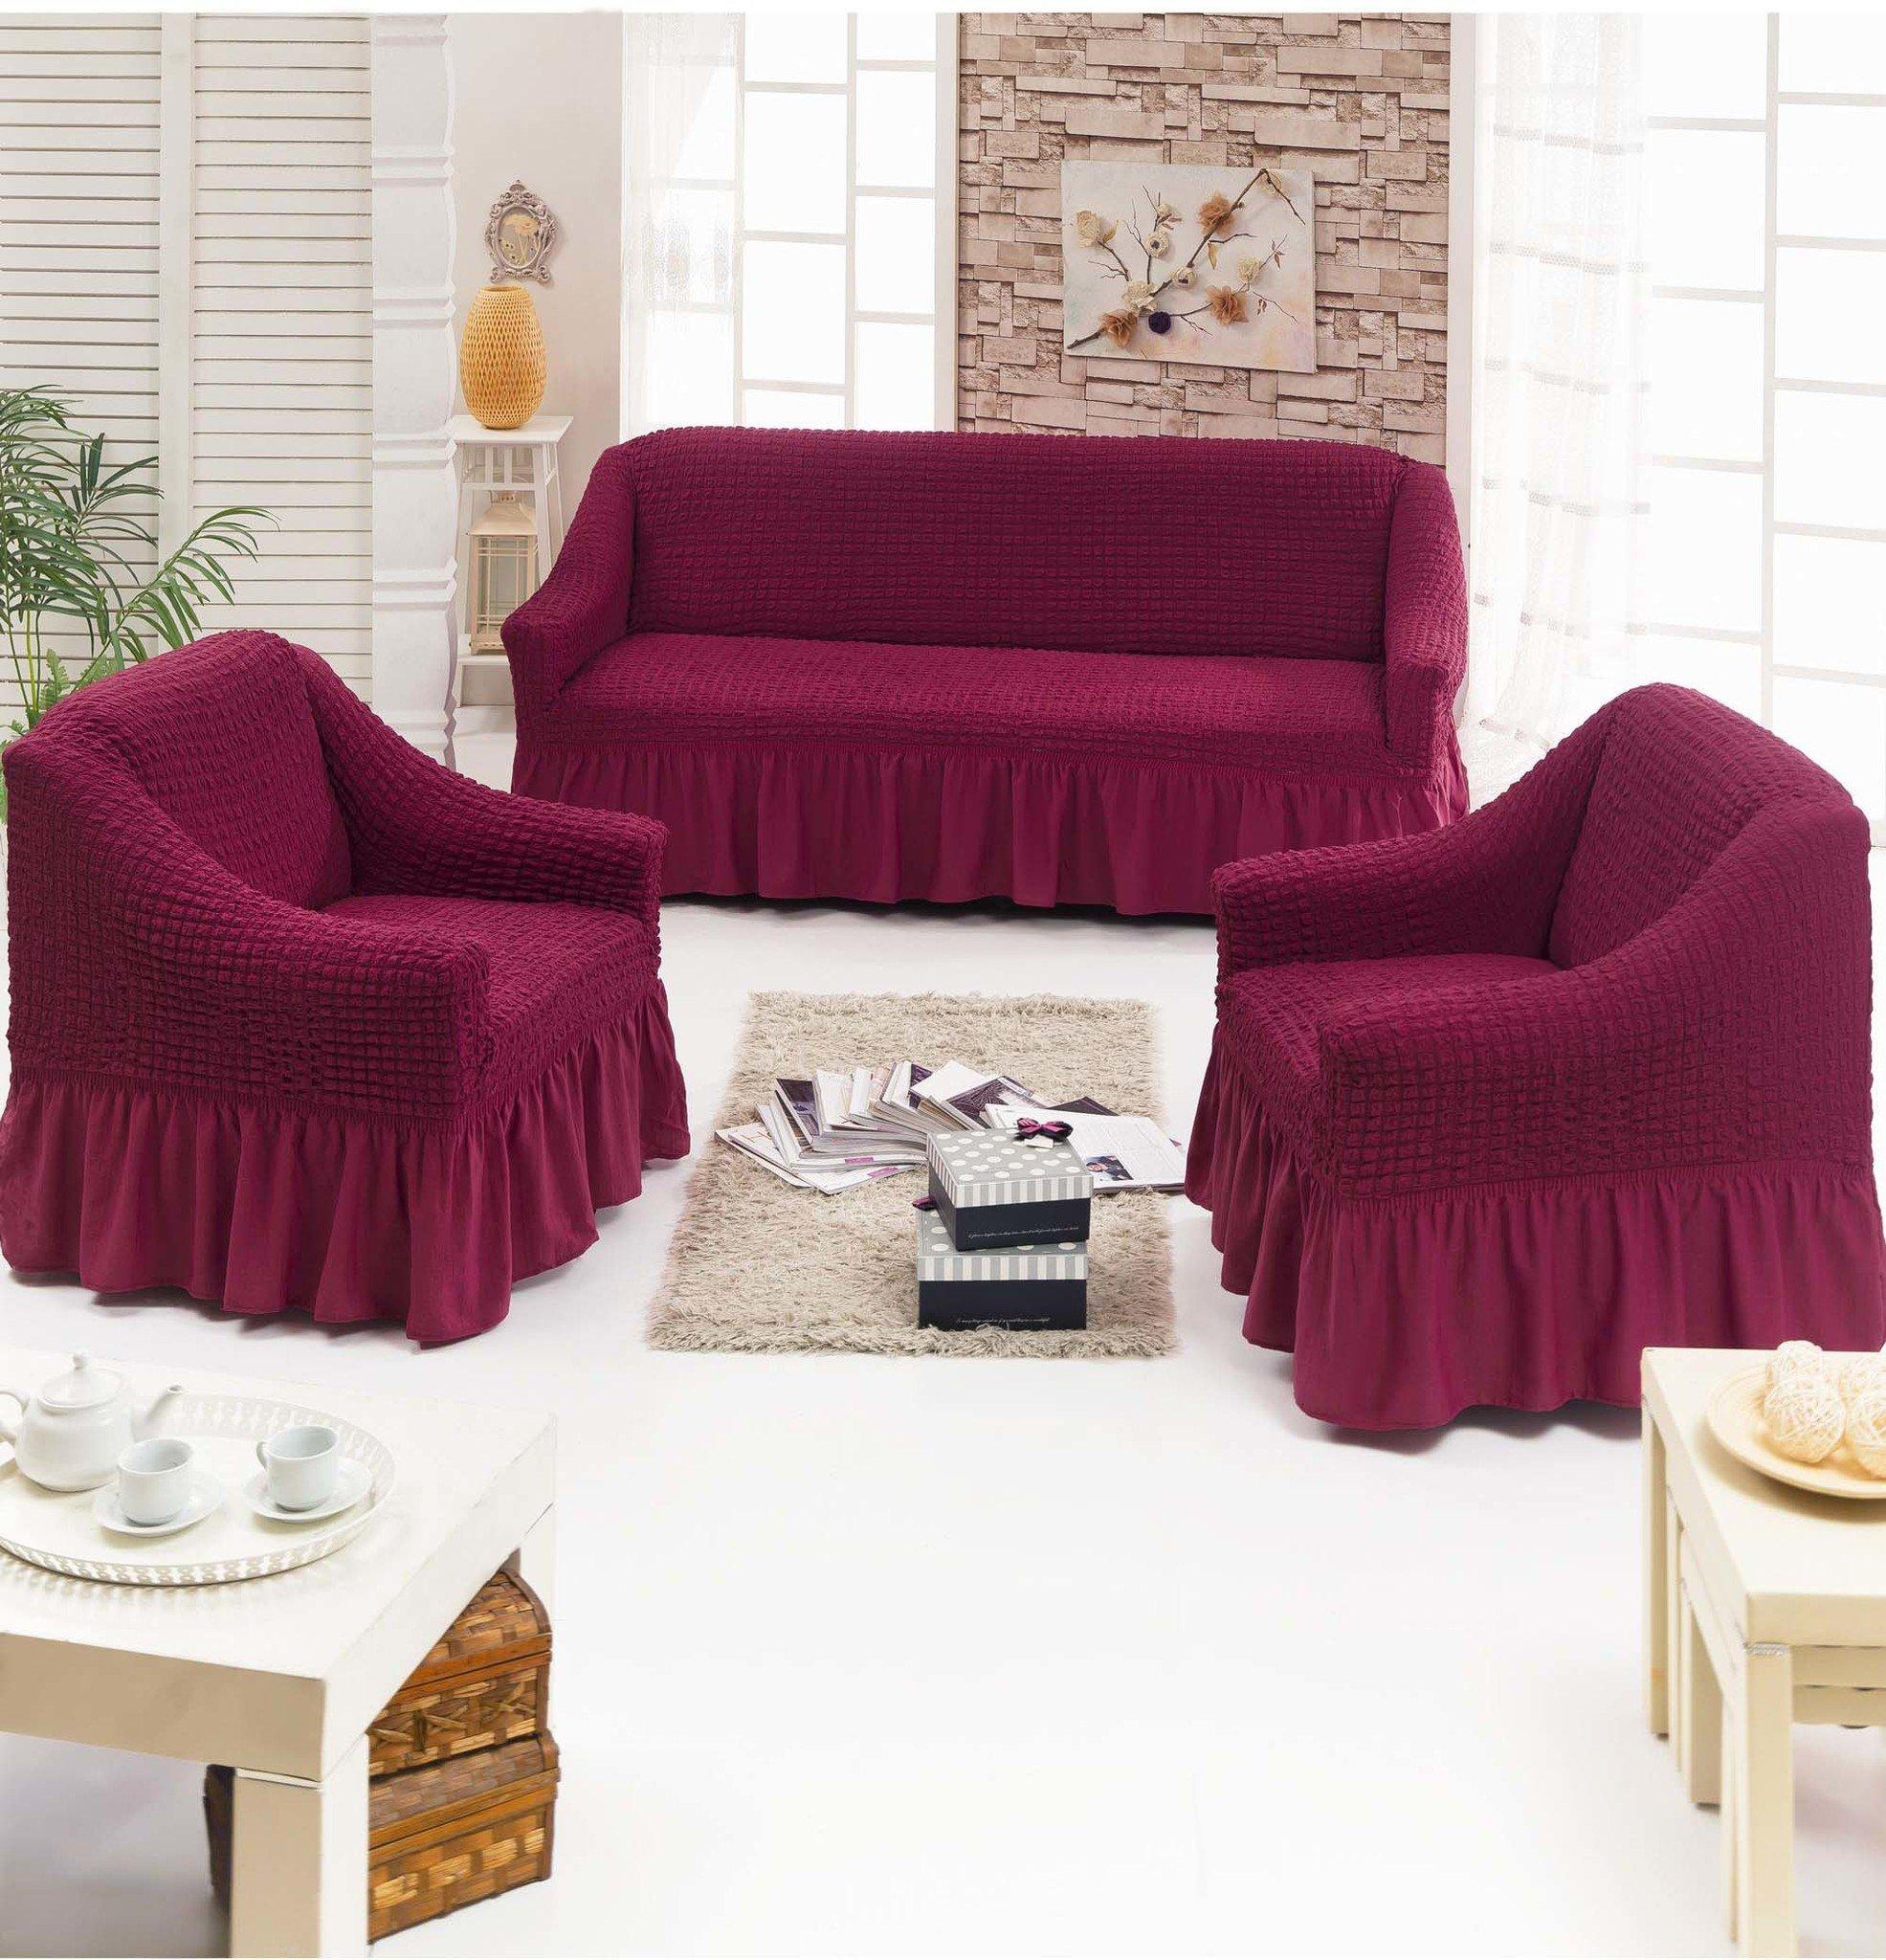 В спальню: Чехол для мягкой мебели из 3-х предметов : MTR0107